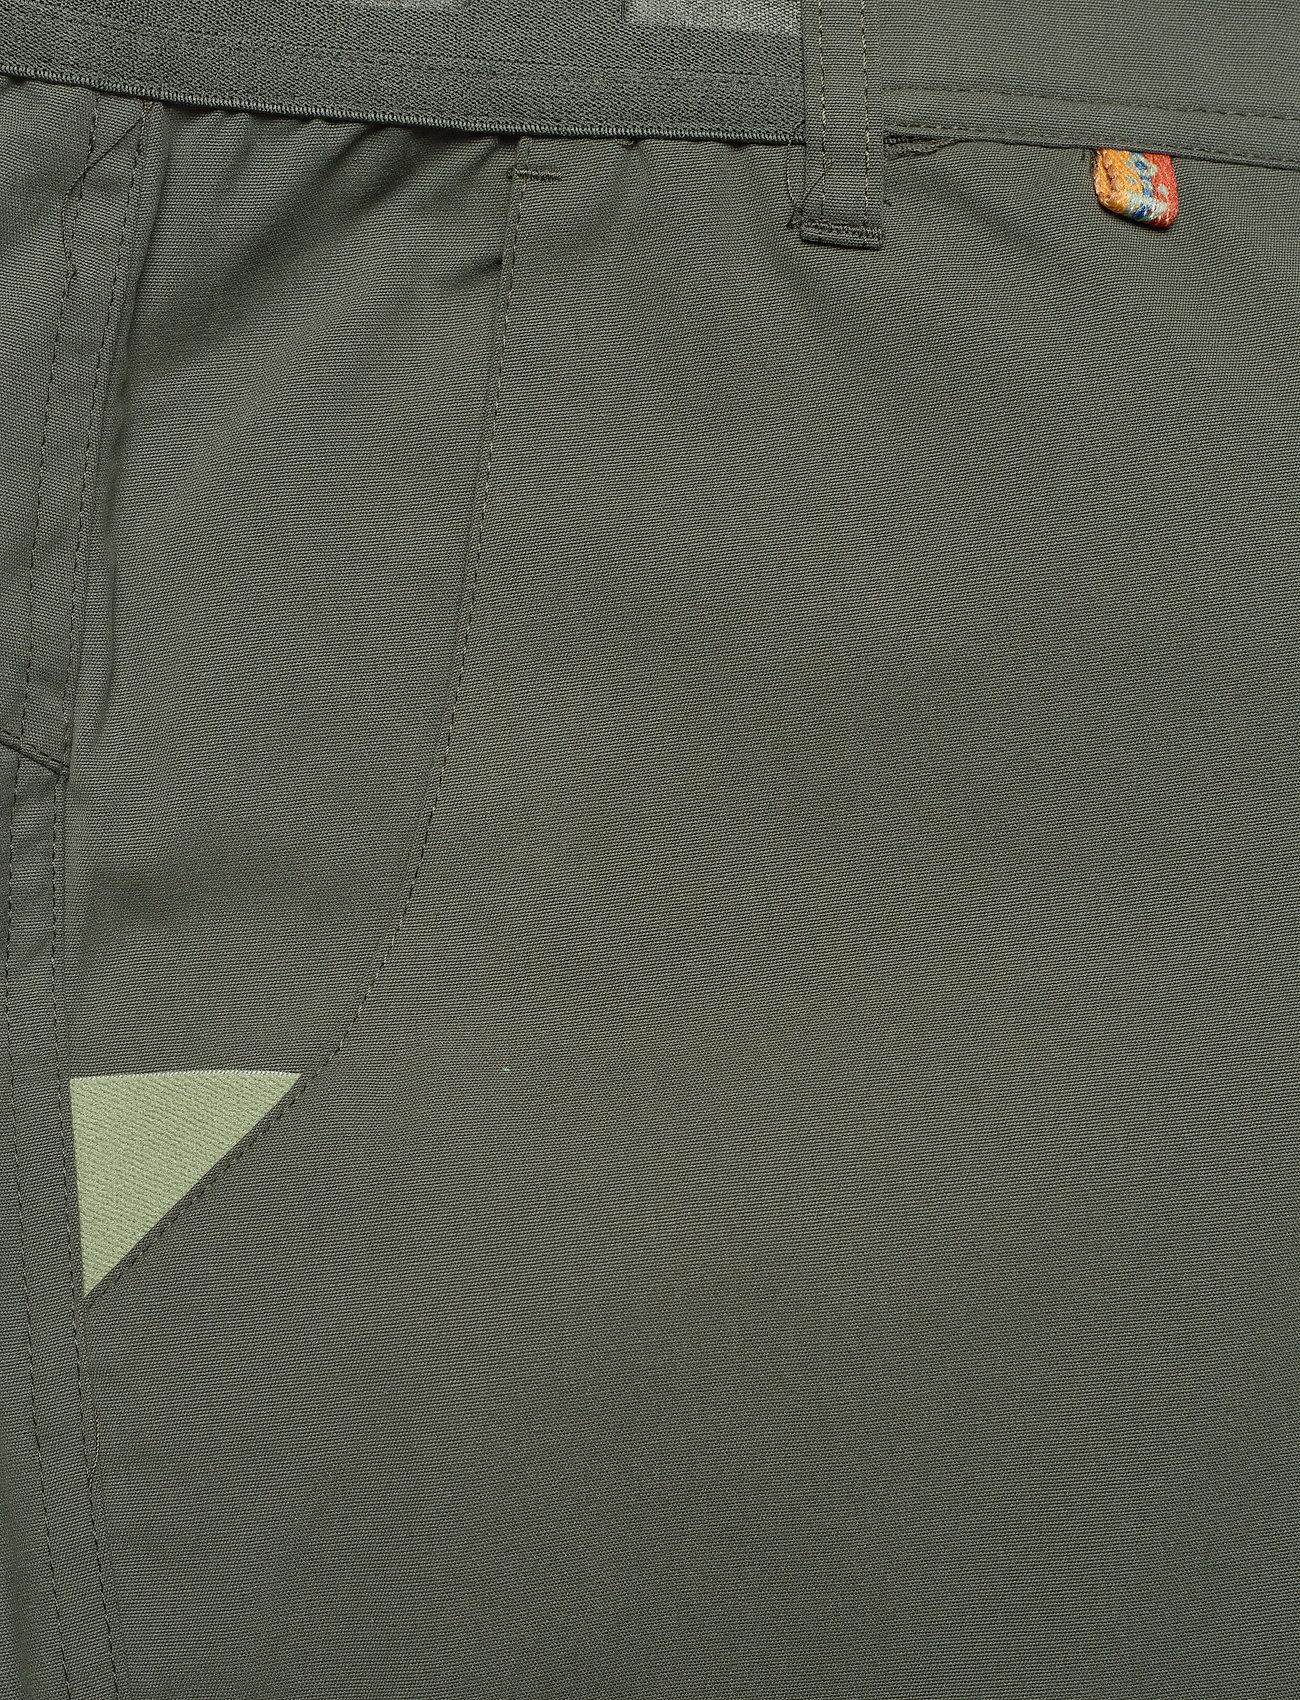 Bula Lull Chino Pants - Bukser DOLIVE - Menn Klær